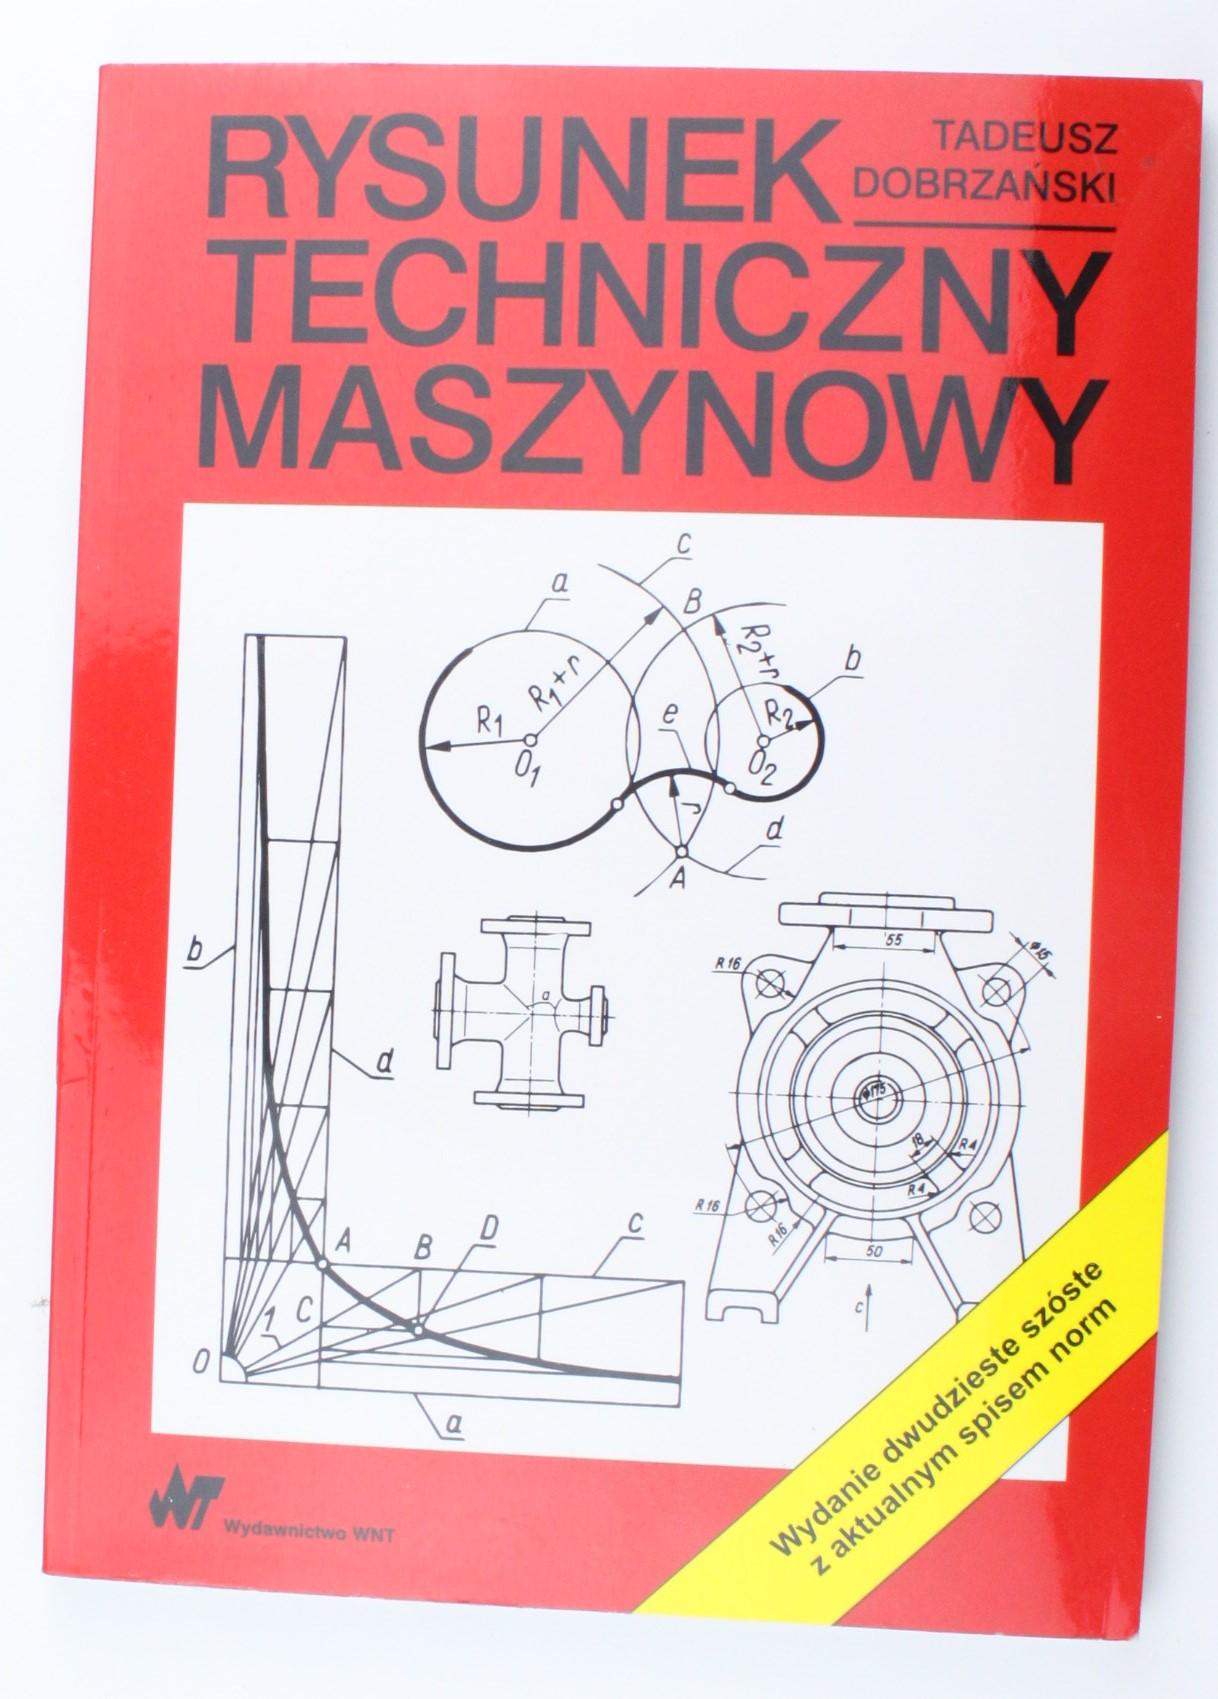 dobrzański rysunek techniczny maszynowy pdf chomikuj